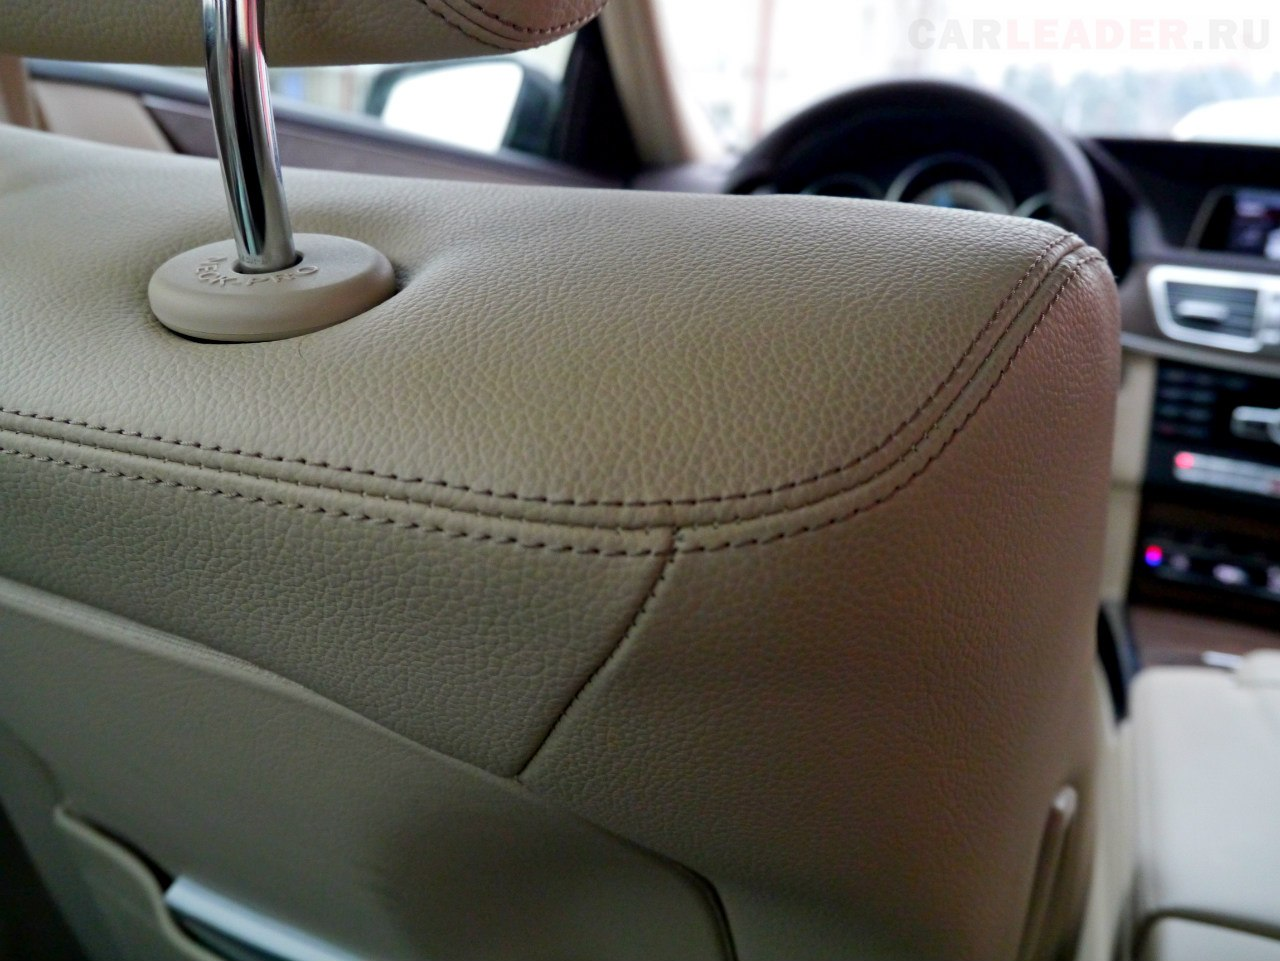 Кремовая кожа Artico смотрится недешево, несмотря на то, что она искусственная. Как впрочем и кожа Dakota у BMW. Вот только сшита она ровно и без кривизны в Mercedes-Benz E 2014, в отличие от кожи в BMW 5 2012.